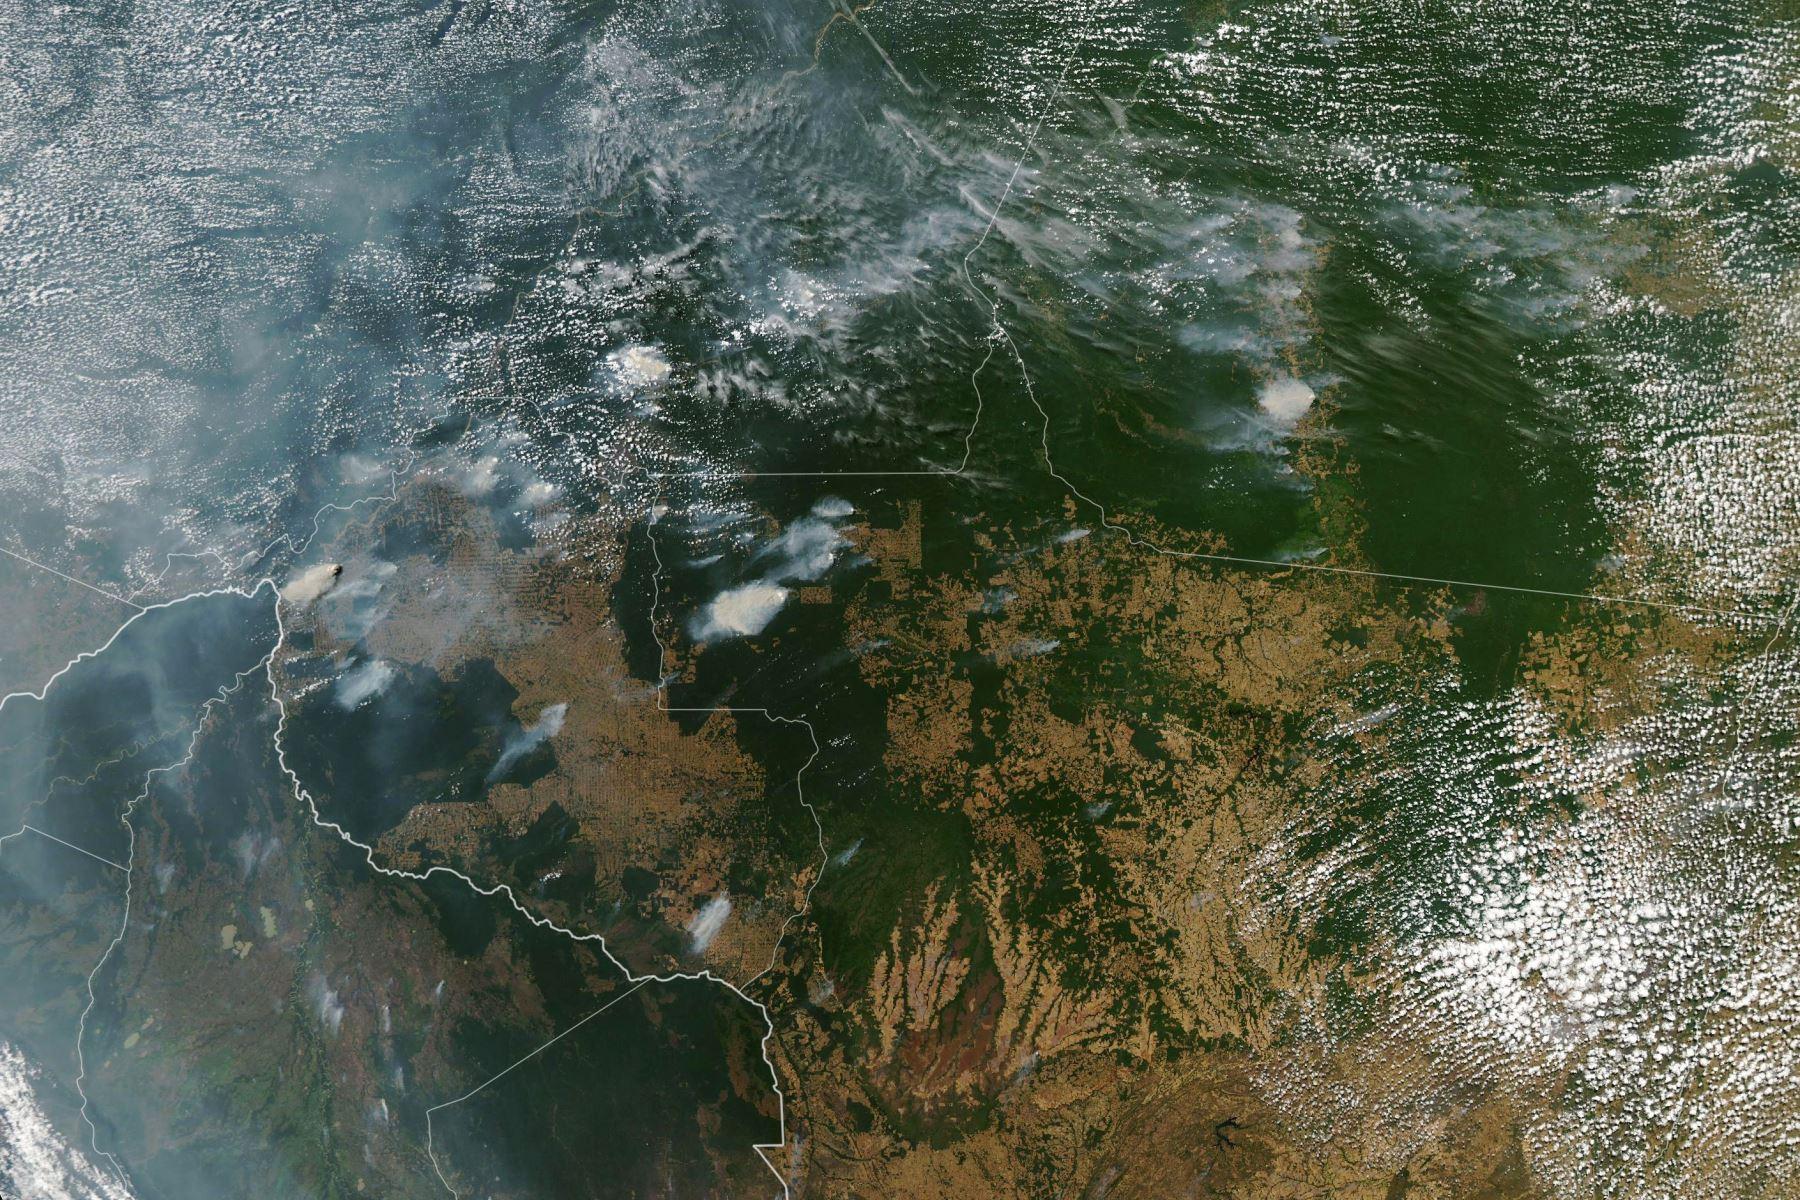 Esta imagen del Observatorio de la Tierra de la NASA, capturada por el Espectrorradiómetro de Imágenes de Resolución Moderada (MODIS) en el satélite Aqua de la NASA, muestra varios incendios en los estados brasileños de Amazonas (arriba CL), Para (arriba R), Mato Grosso ( abajo R) y Rondonia (abajo C) el 11 de agosto de 2019, mientras que Bolivia aparece en la parte inferior izquierda de la imagen..Foto:AFP